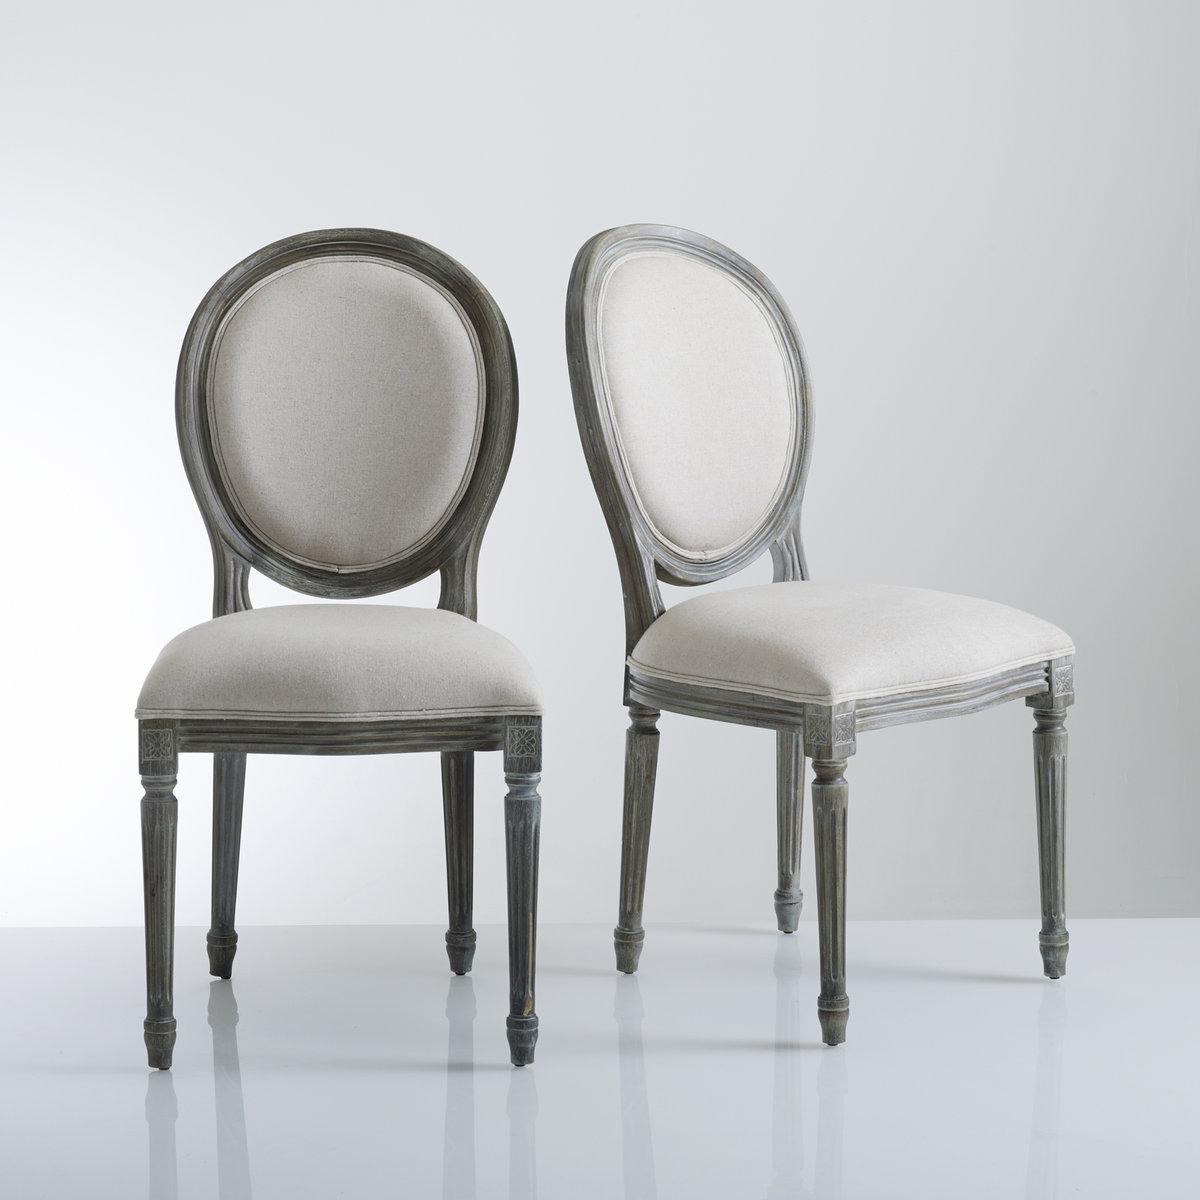 Confezione da 2 sedie a medaglione, Nottingham